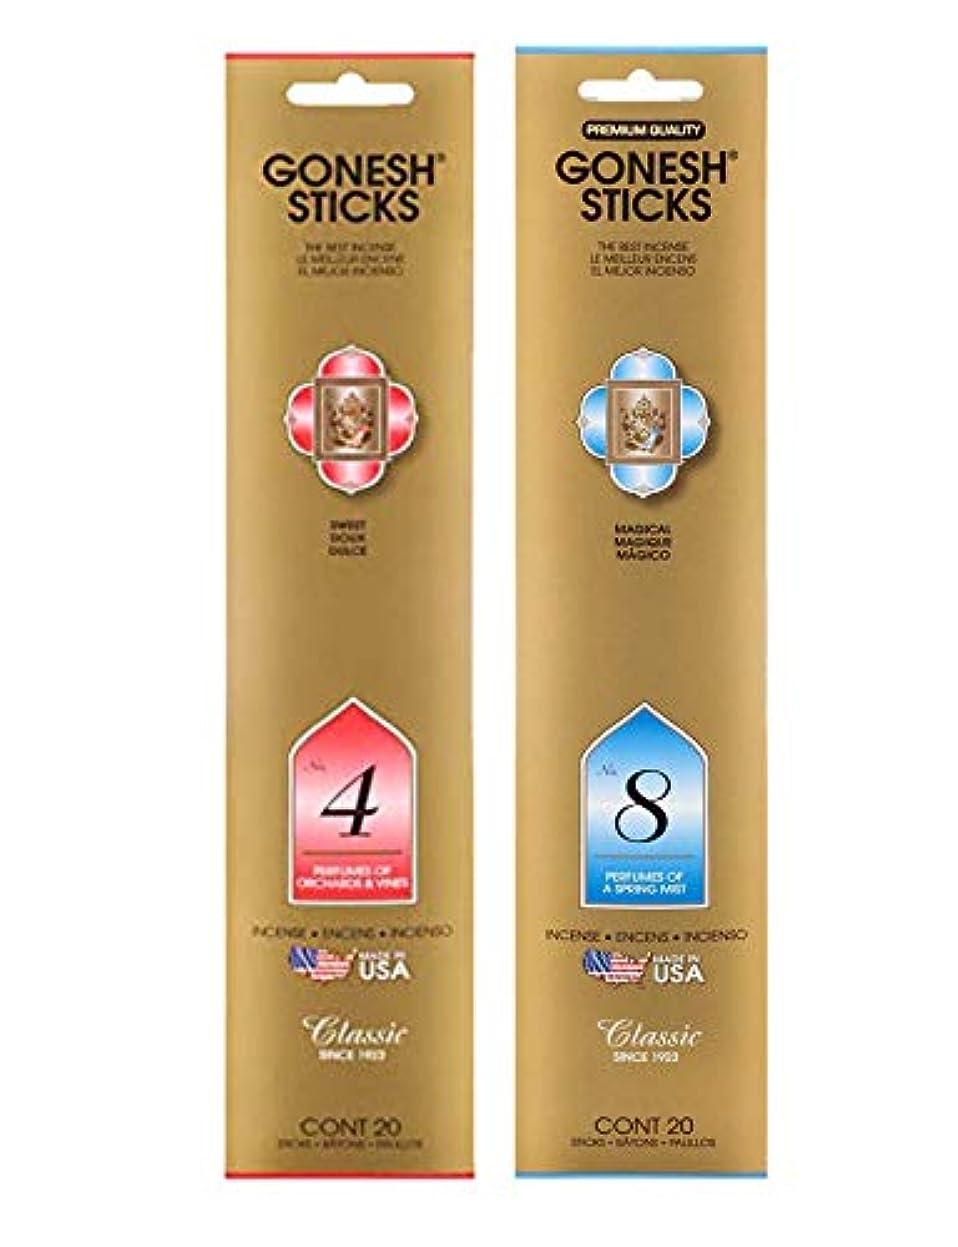 ラッシュ夕方機械的にGONESH インセンス 人気 No.8 No.4 スティック 20本入 2種類 セット販売 (1セット)